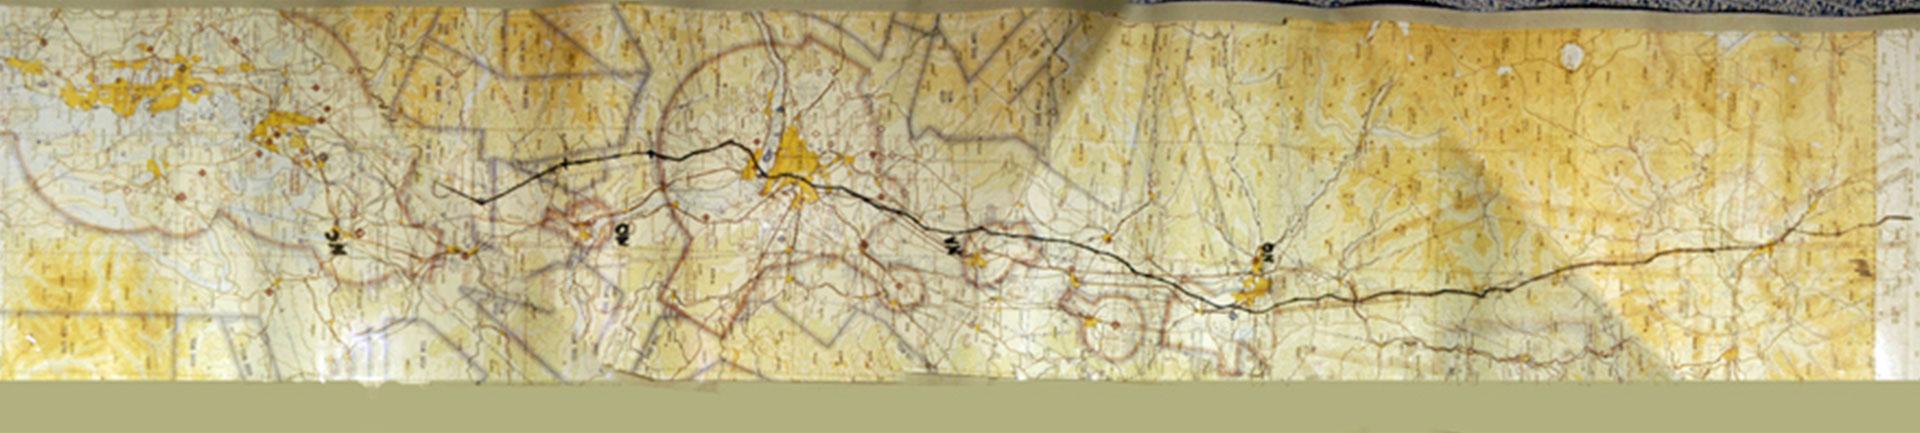 El mapa trazado por el FBI para intentar determinar dónde pudo caer Cooper, teniendo en cuenta la meteorología, las coordenadas de su salto y las características del paracaídas que tenía consigo (FBI)